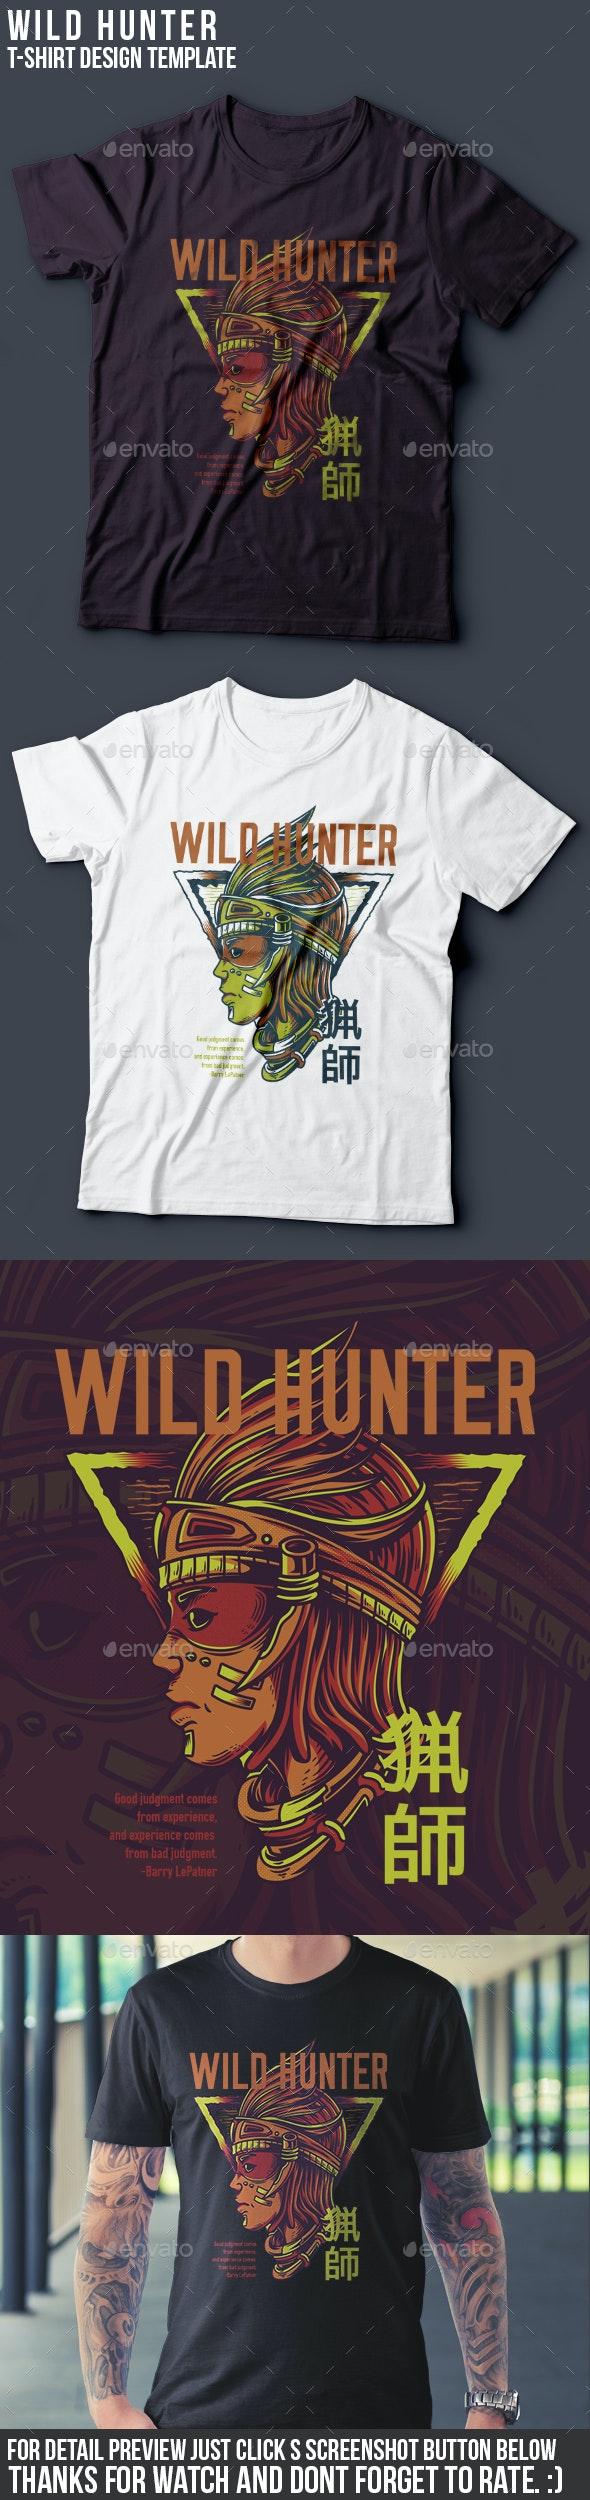 Wild Hunter T-Shirt Design - Clean Designs